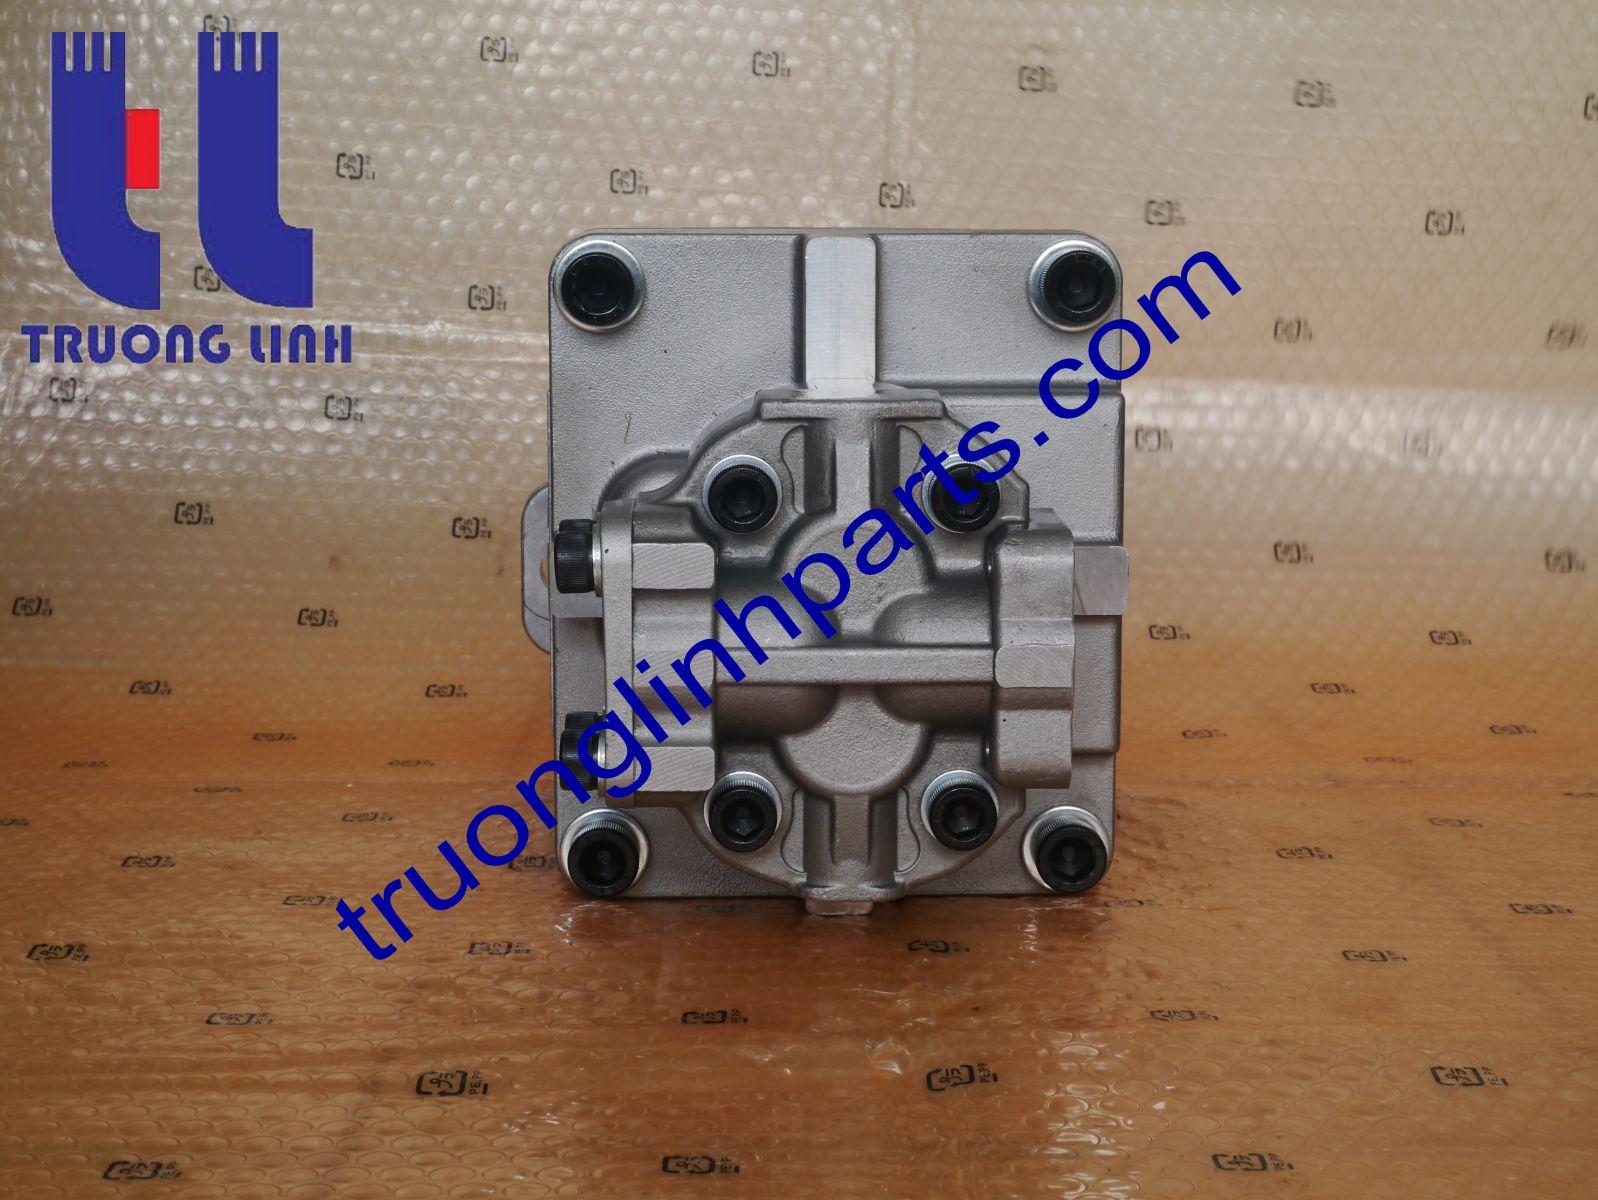 Máy bơm dầu thủy lực bánh răng được sử dụng rất phổ biến trong ngành công nghiệp